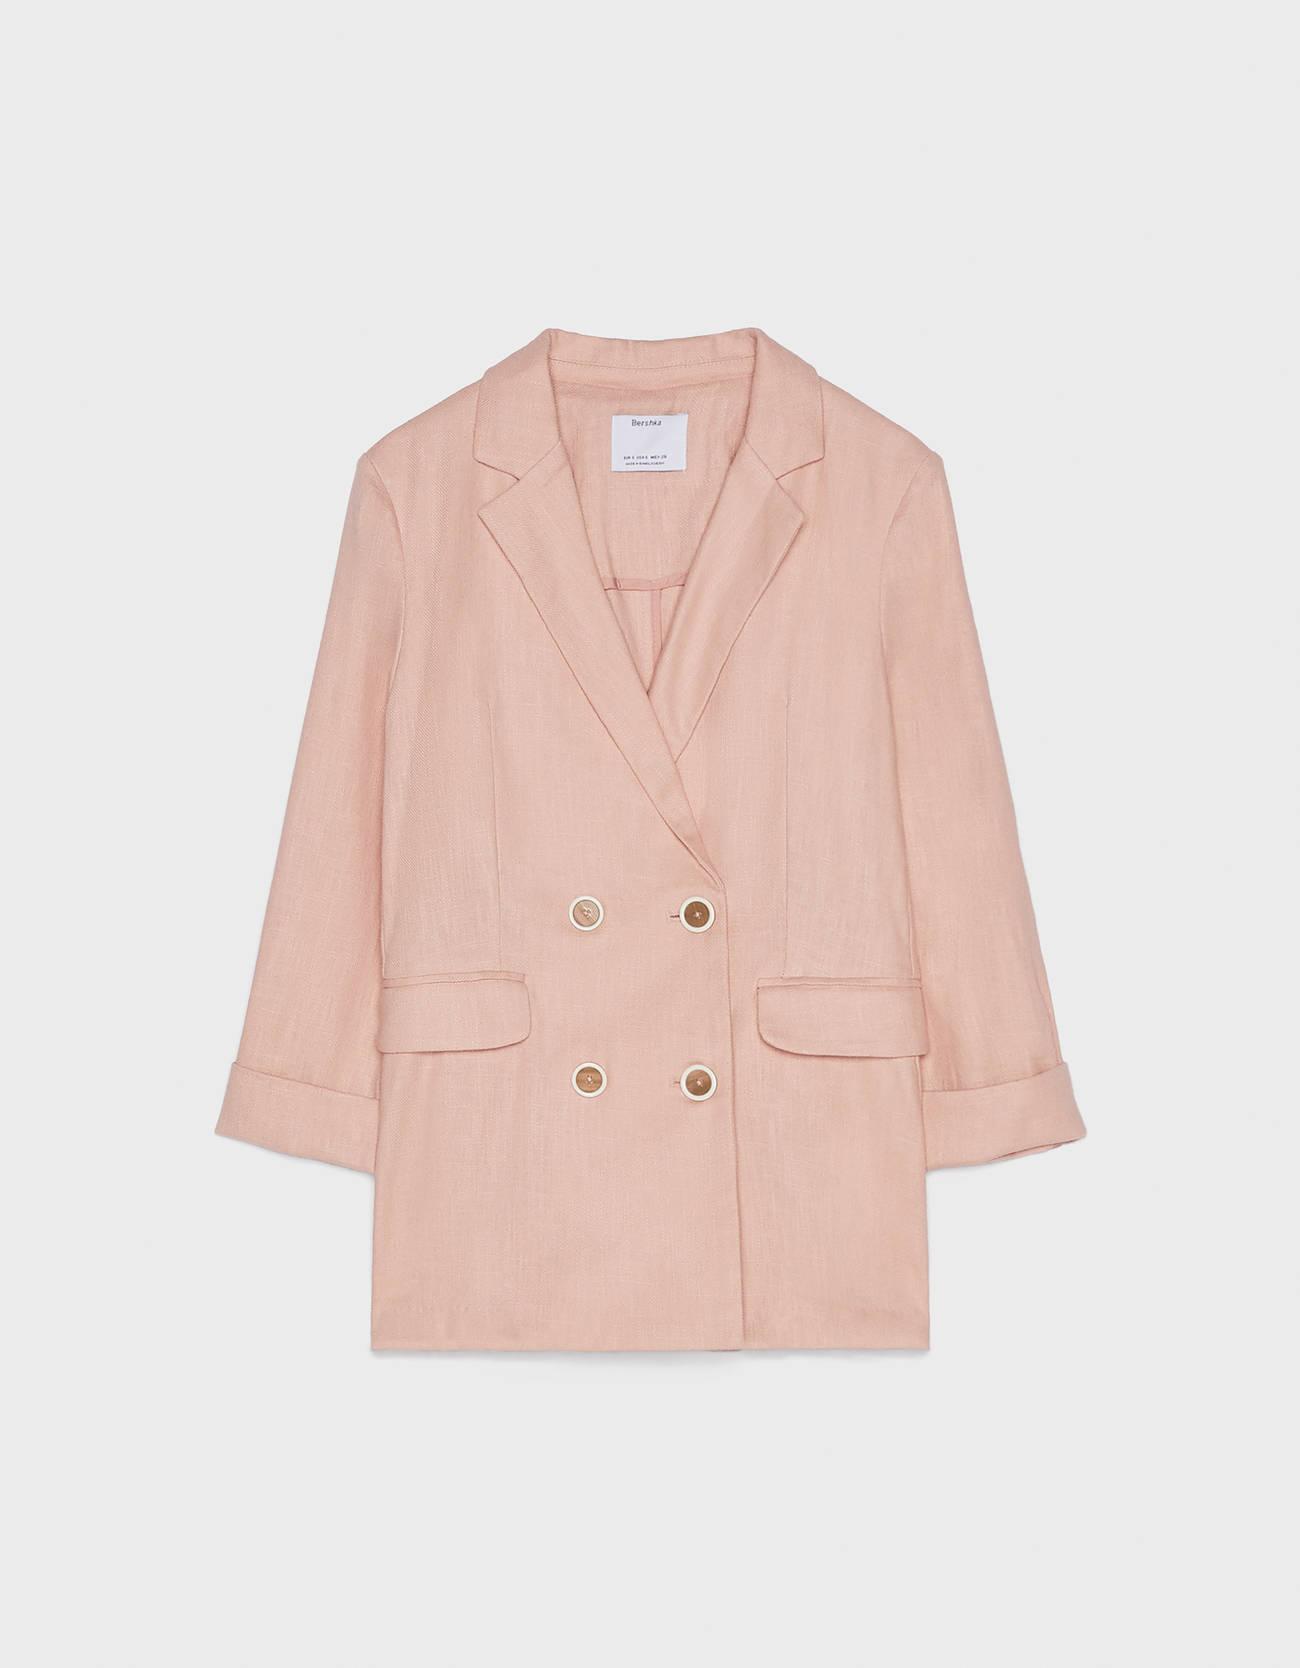 Пиджак изо льна с подворачиваемыми рукавами Розовый Bershka